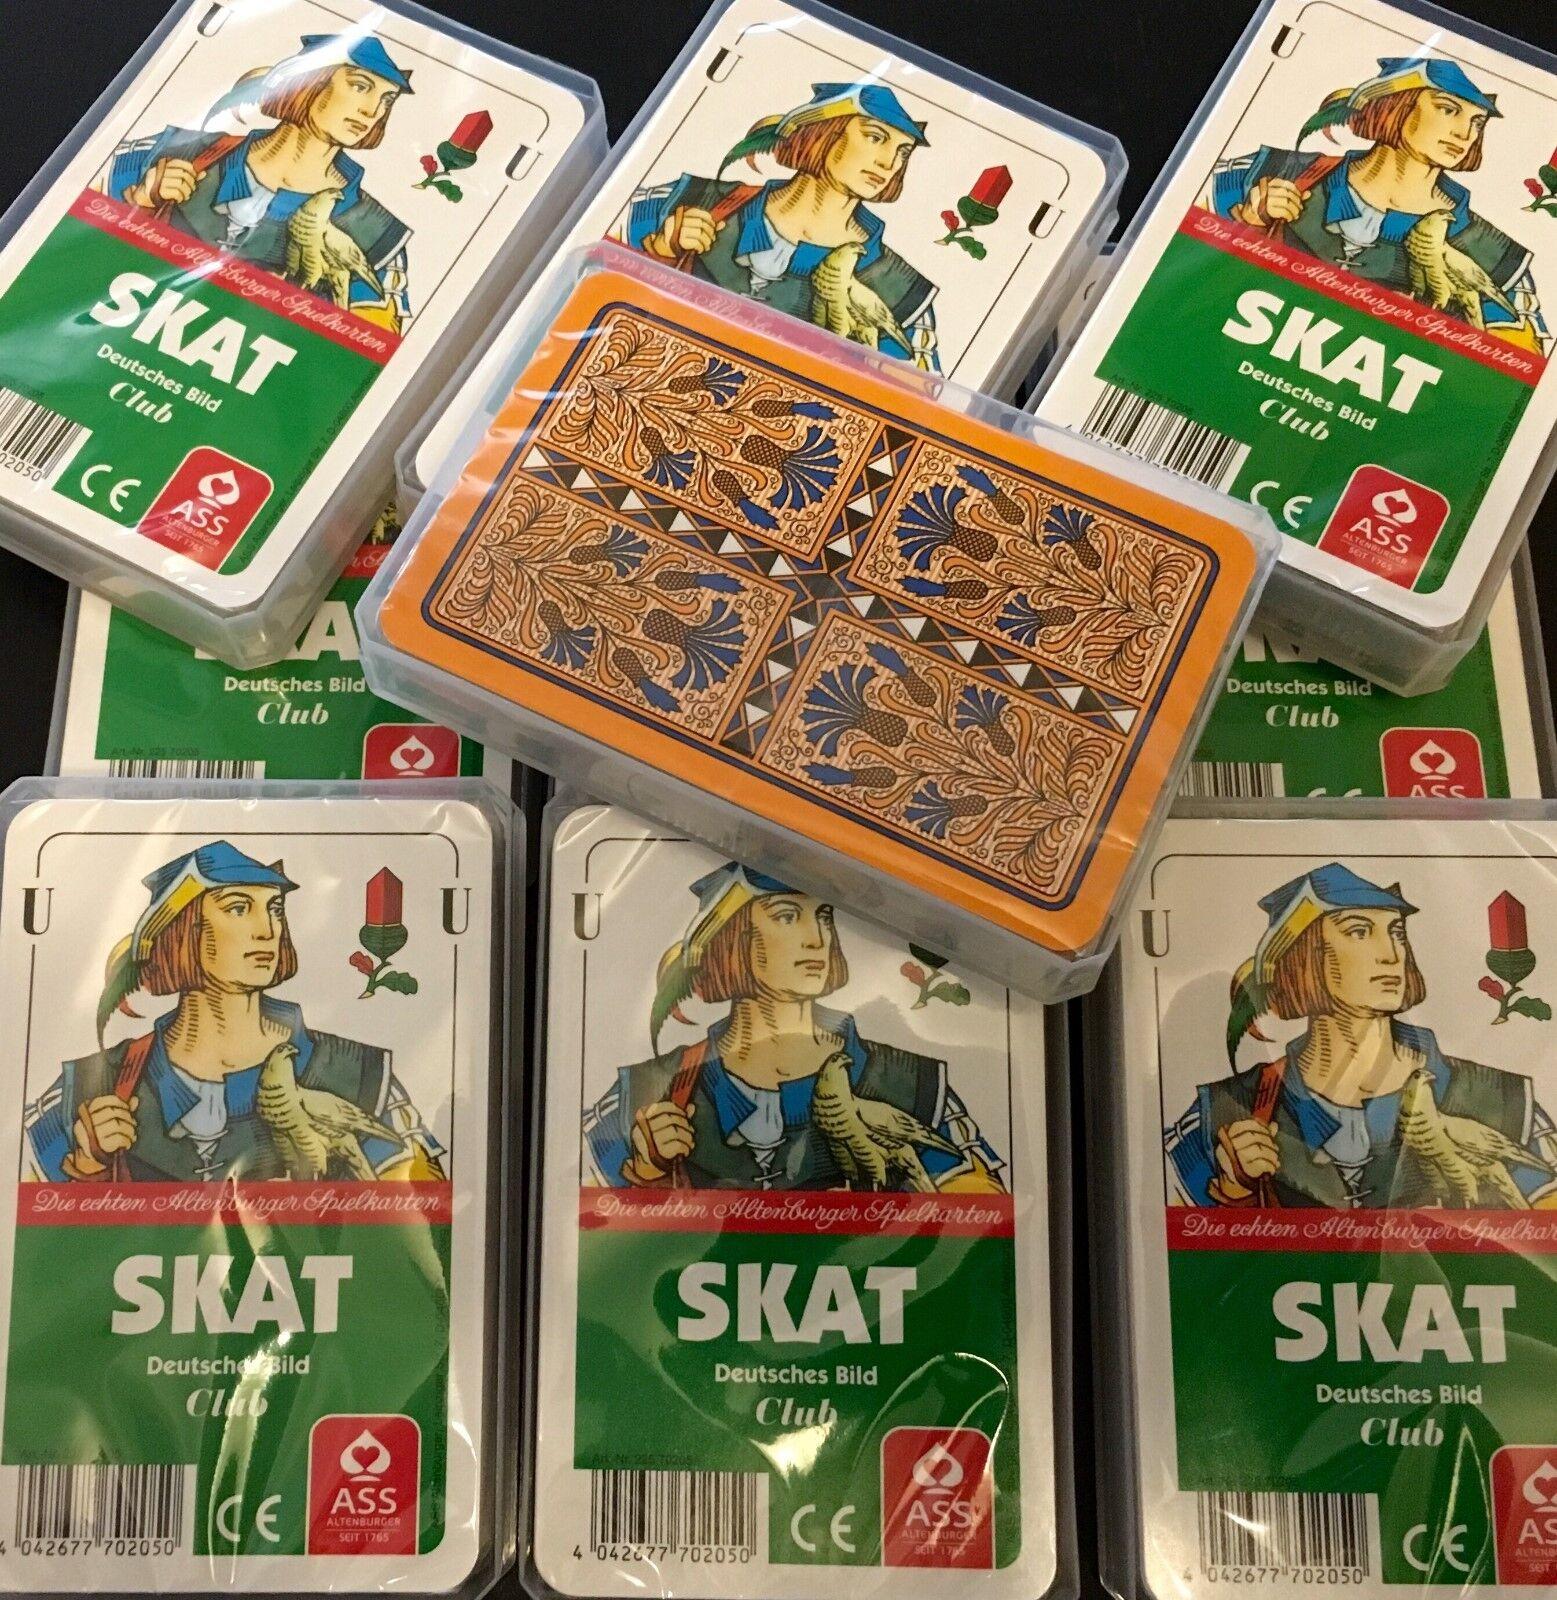 Fünfzigerpack SKAT Deutsches Bild ASS Club Spielkarten Skatkarten 32 Blatt Q